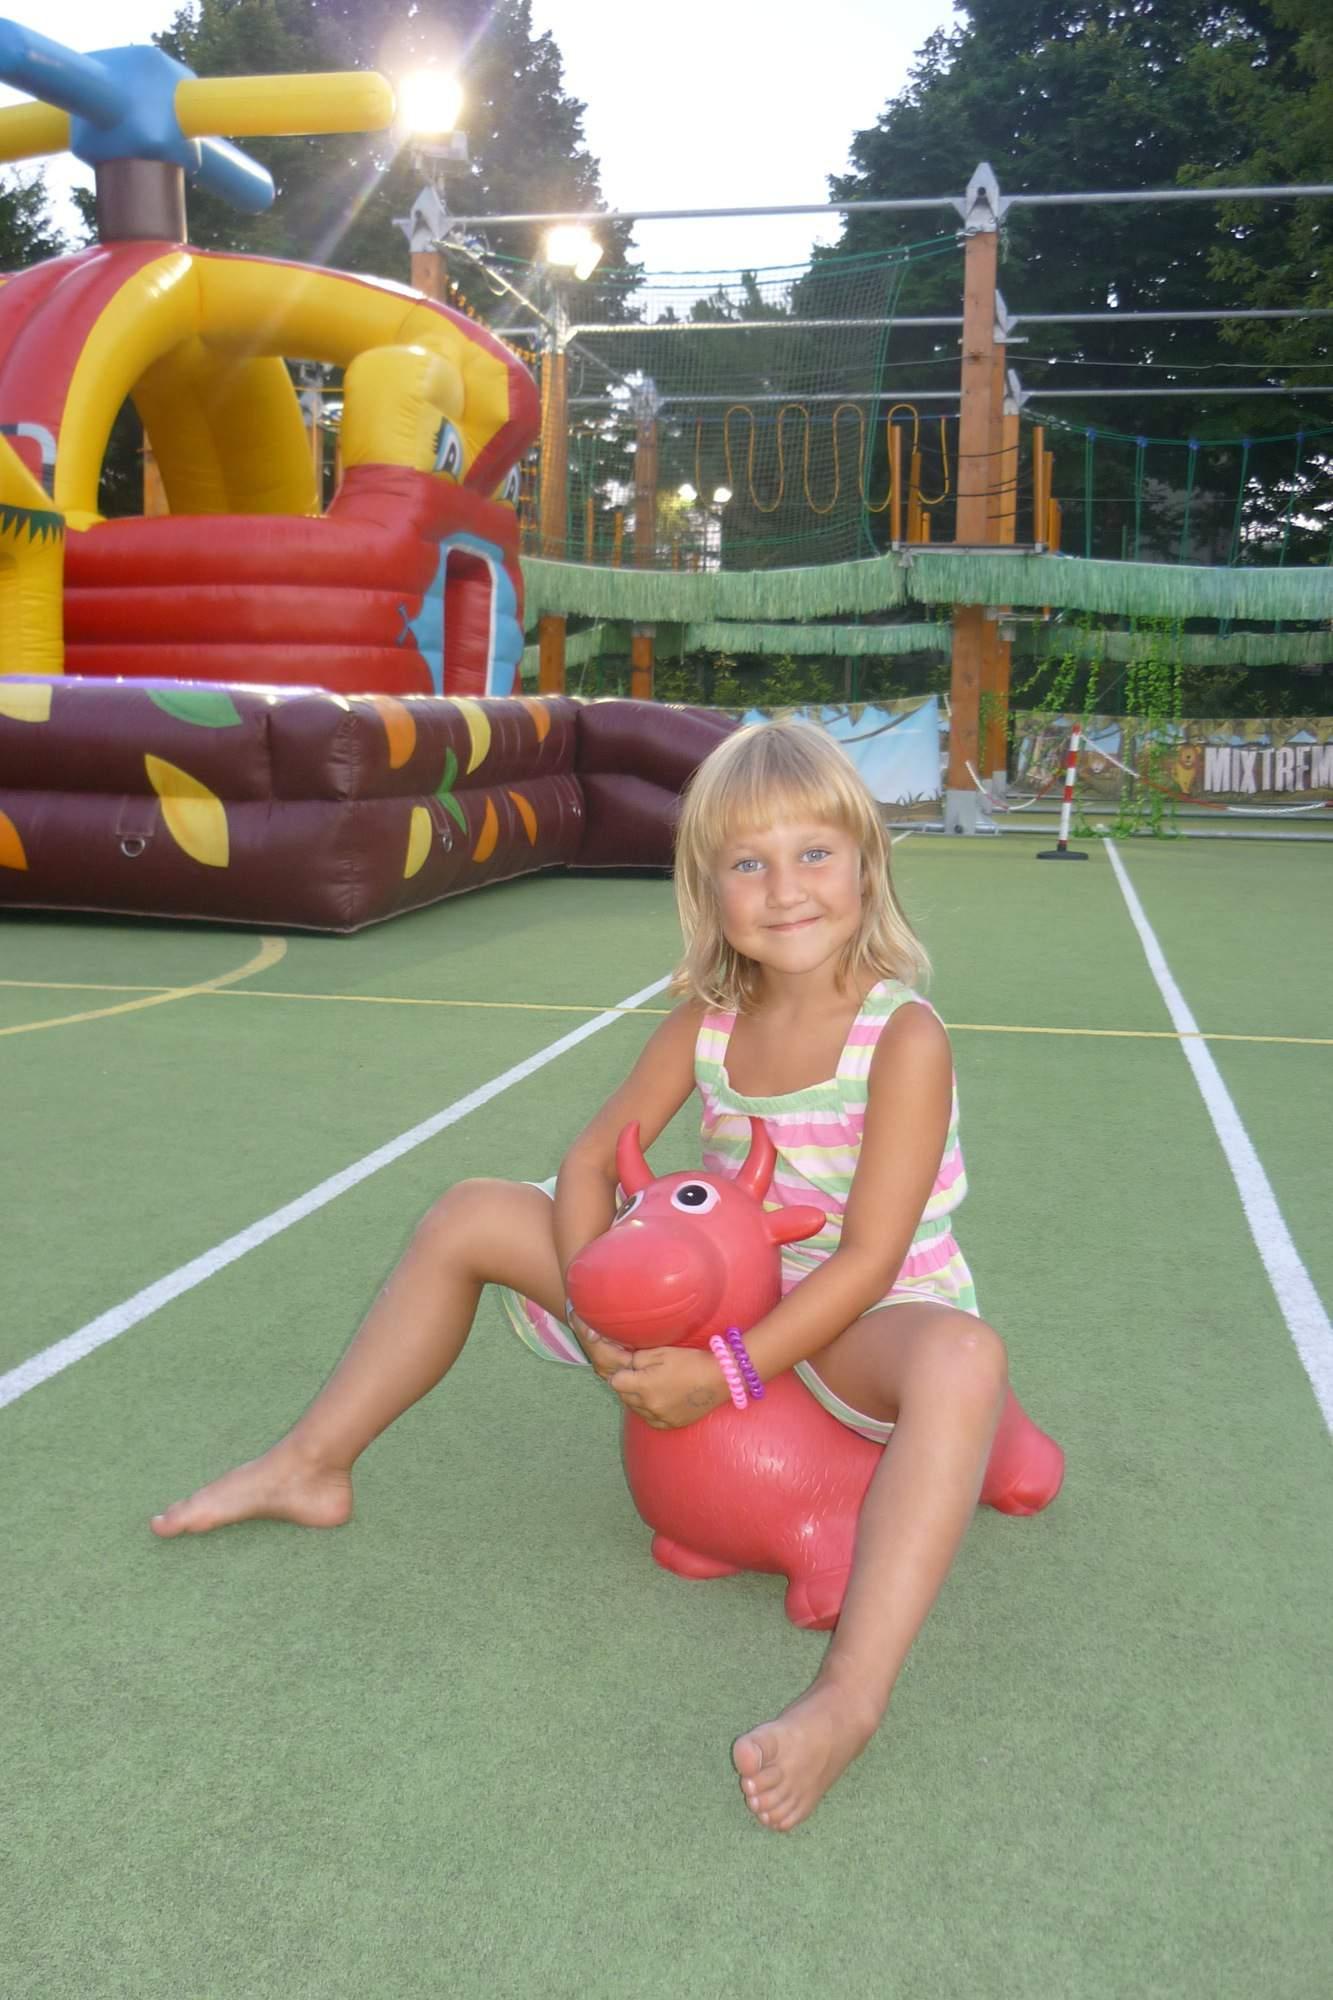 Koupání v bazéně léto 2008 - veronika20 - album na Rajčeti